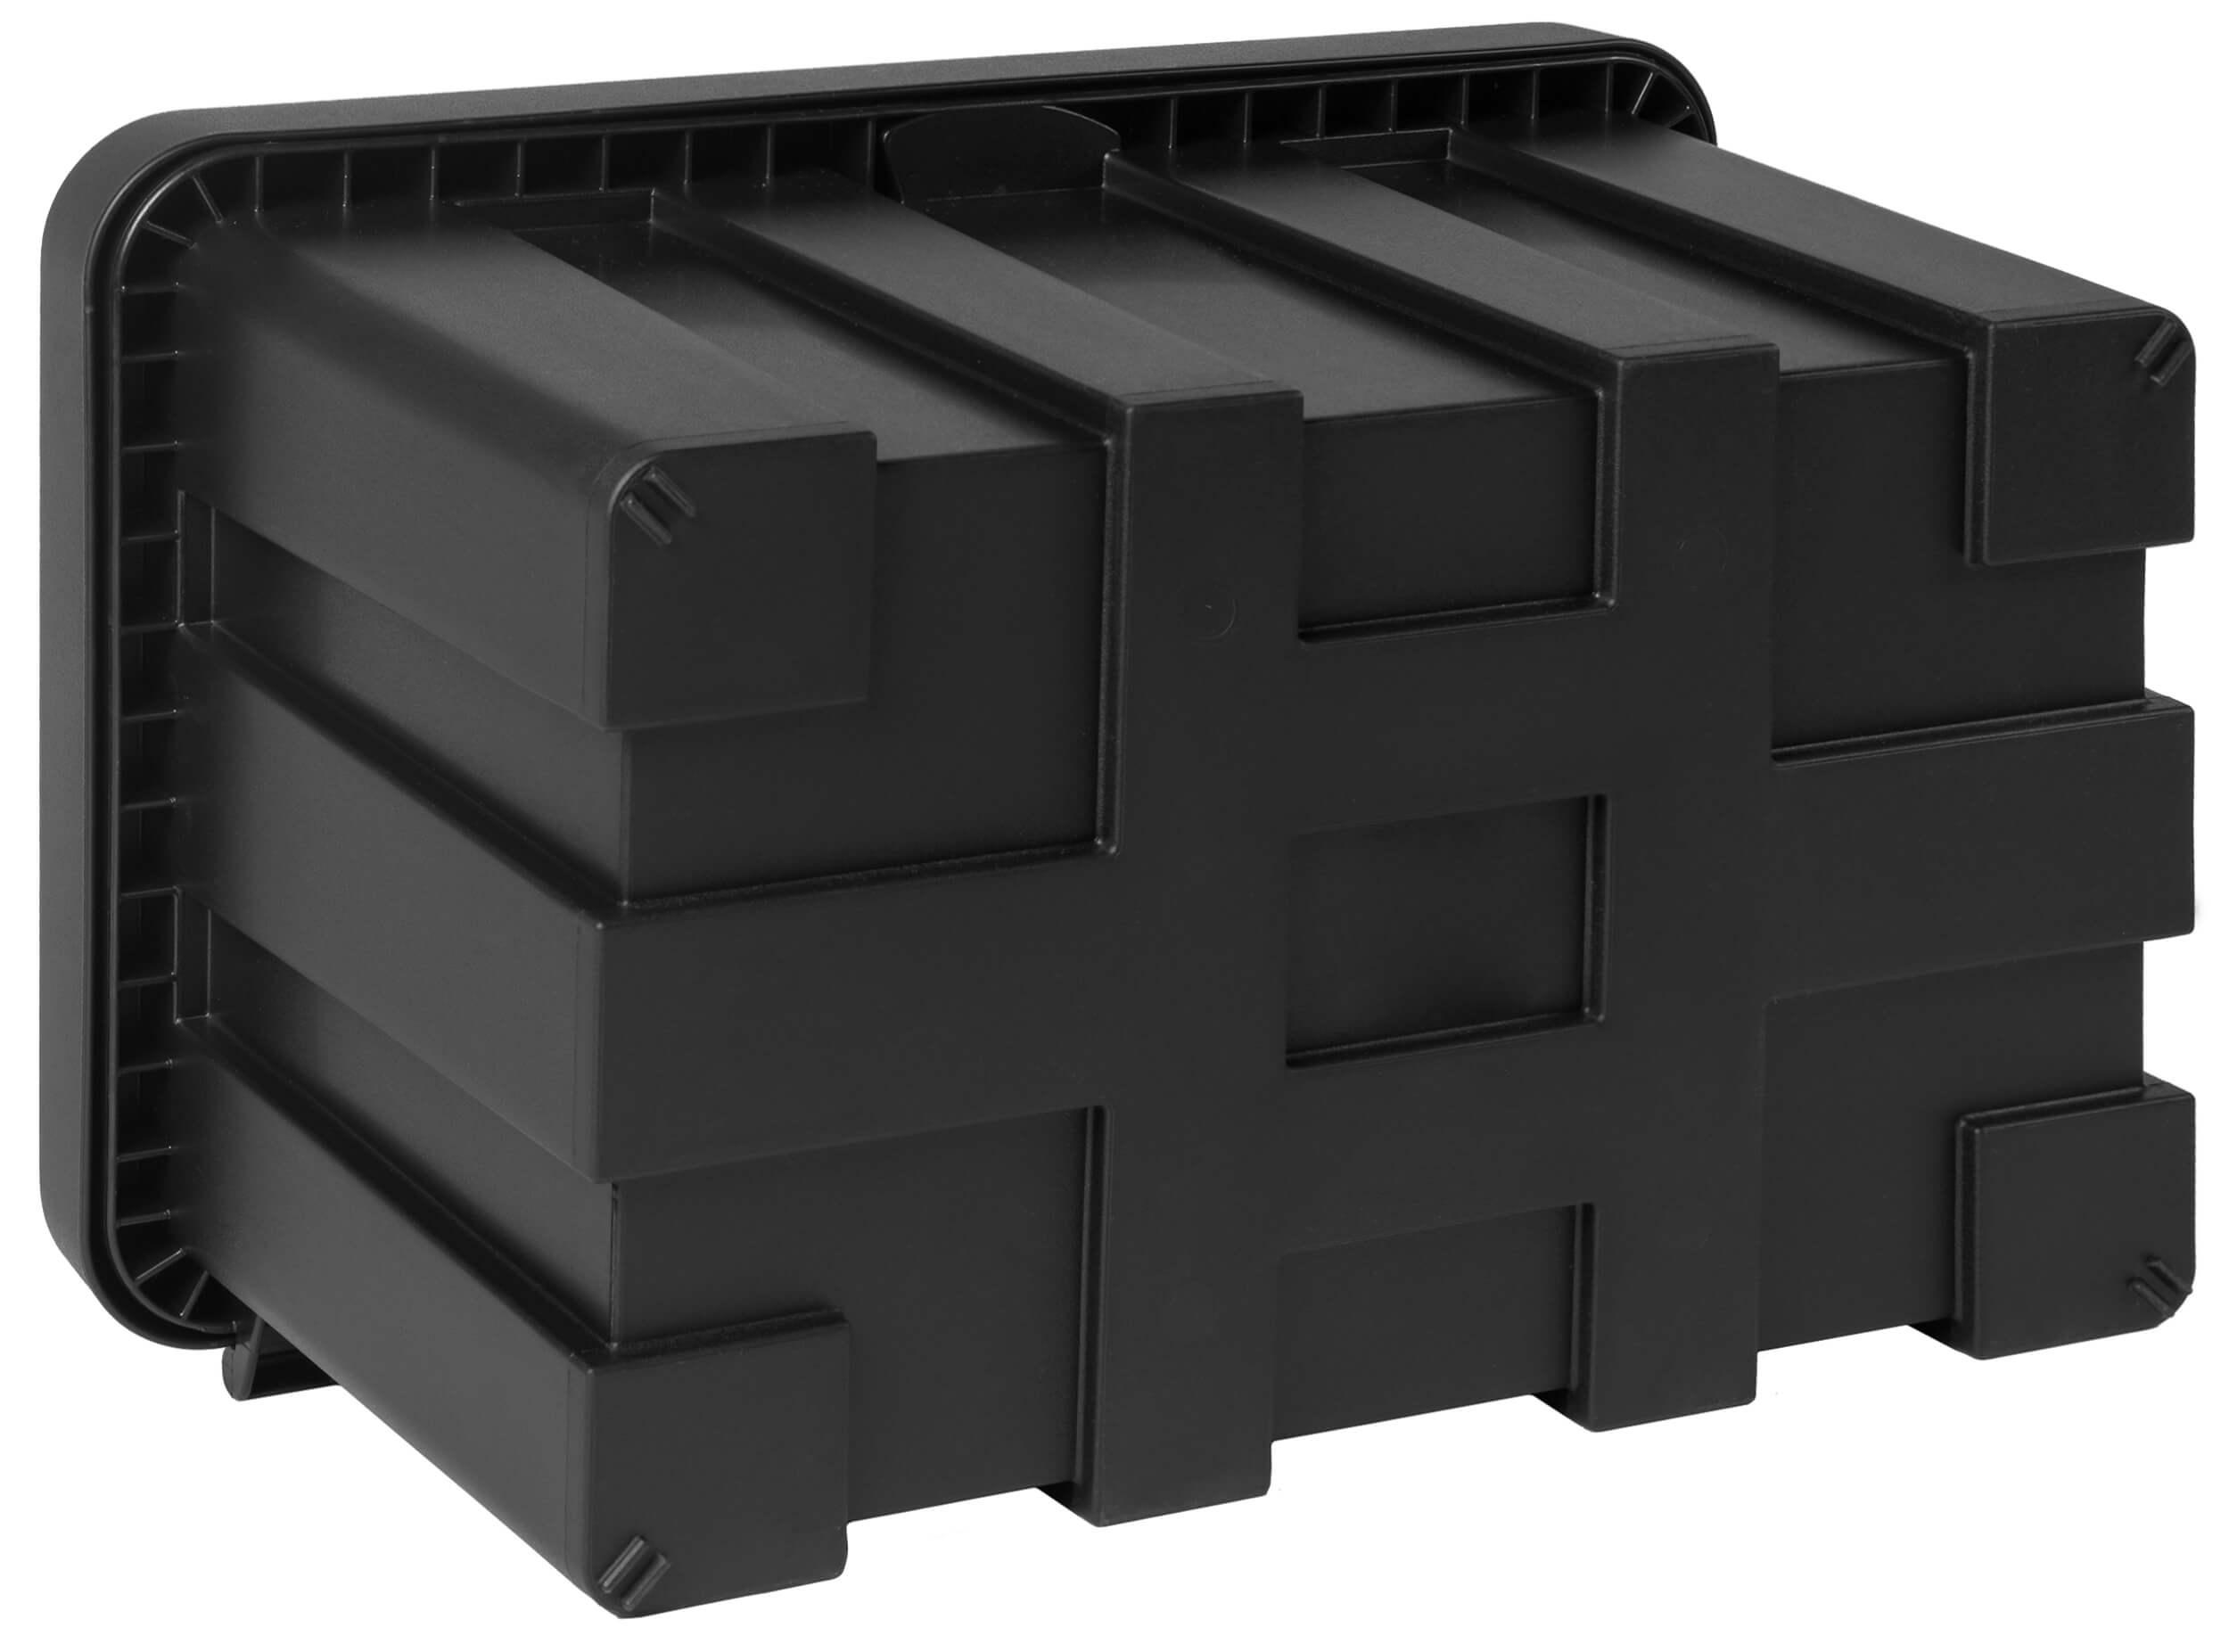 Staubox Staukasten Werkzeugkasten STABILO Kunststoff 500x400x350mm ähnl. DAKEN